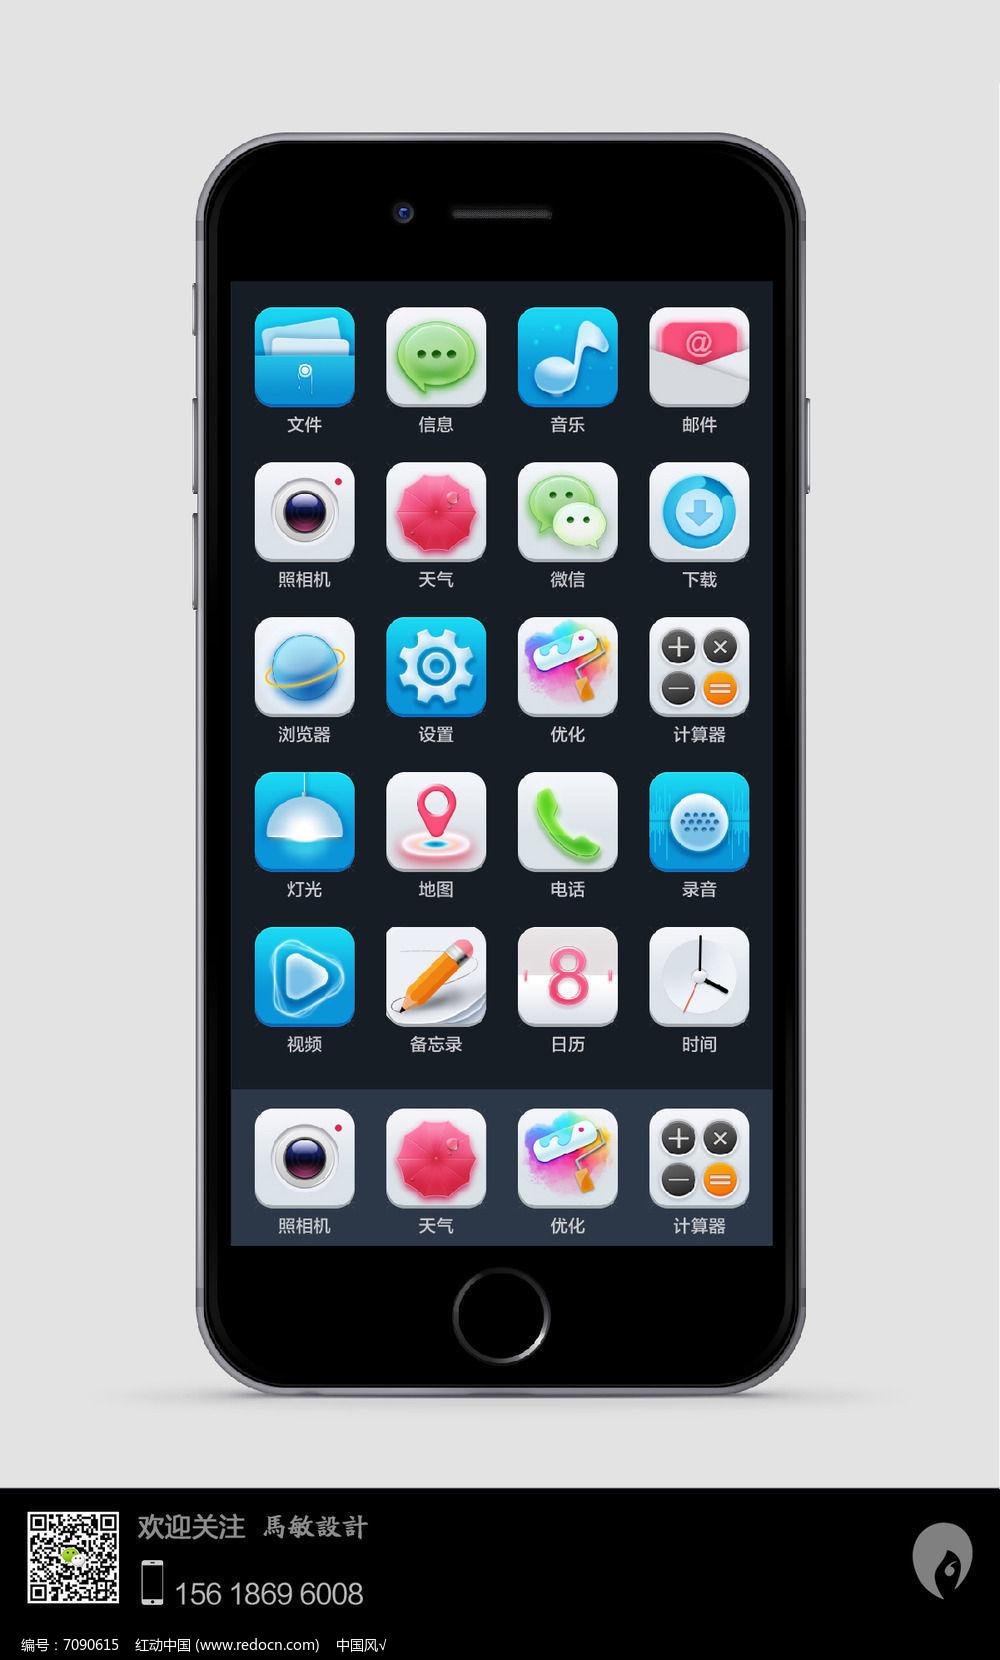 淘宝达人手机端背景图_手机移动端桌面图标icon设计_红动网